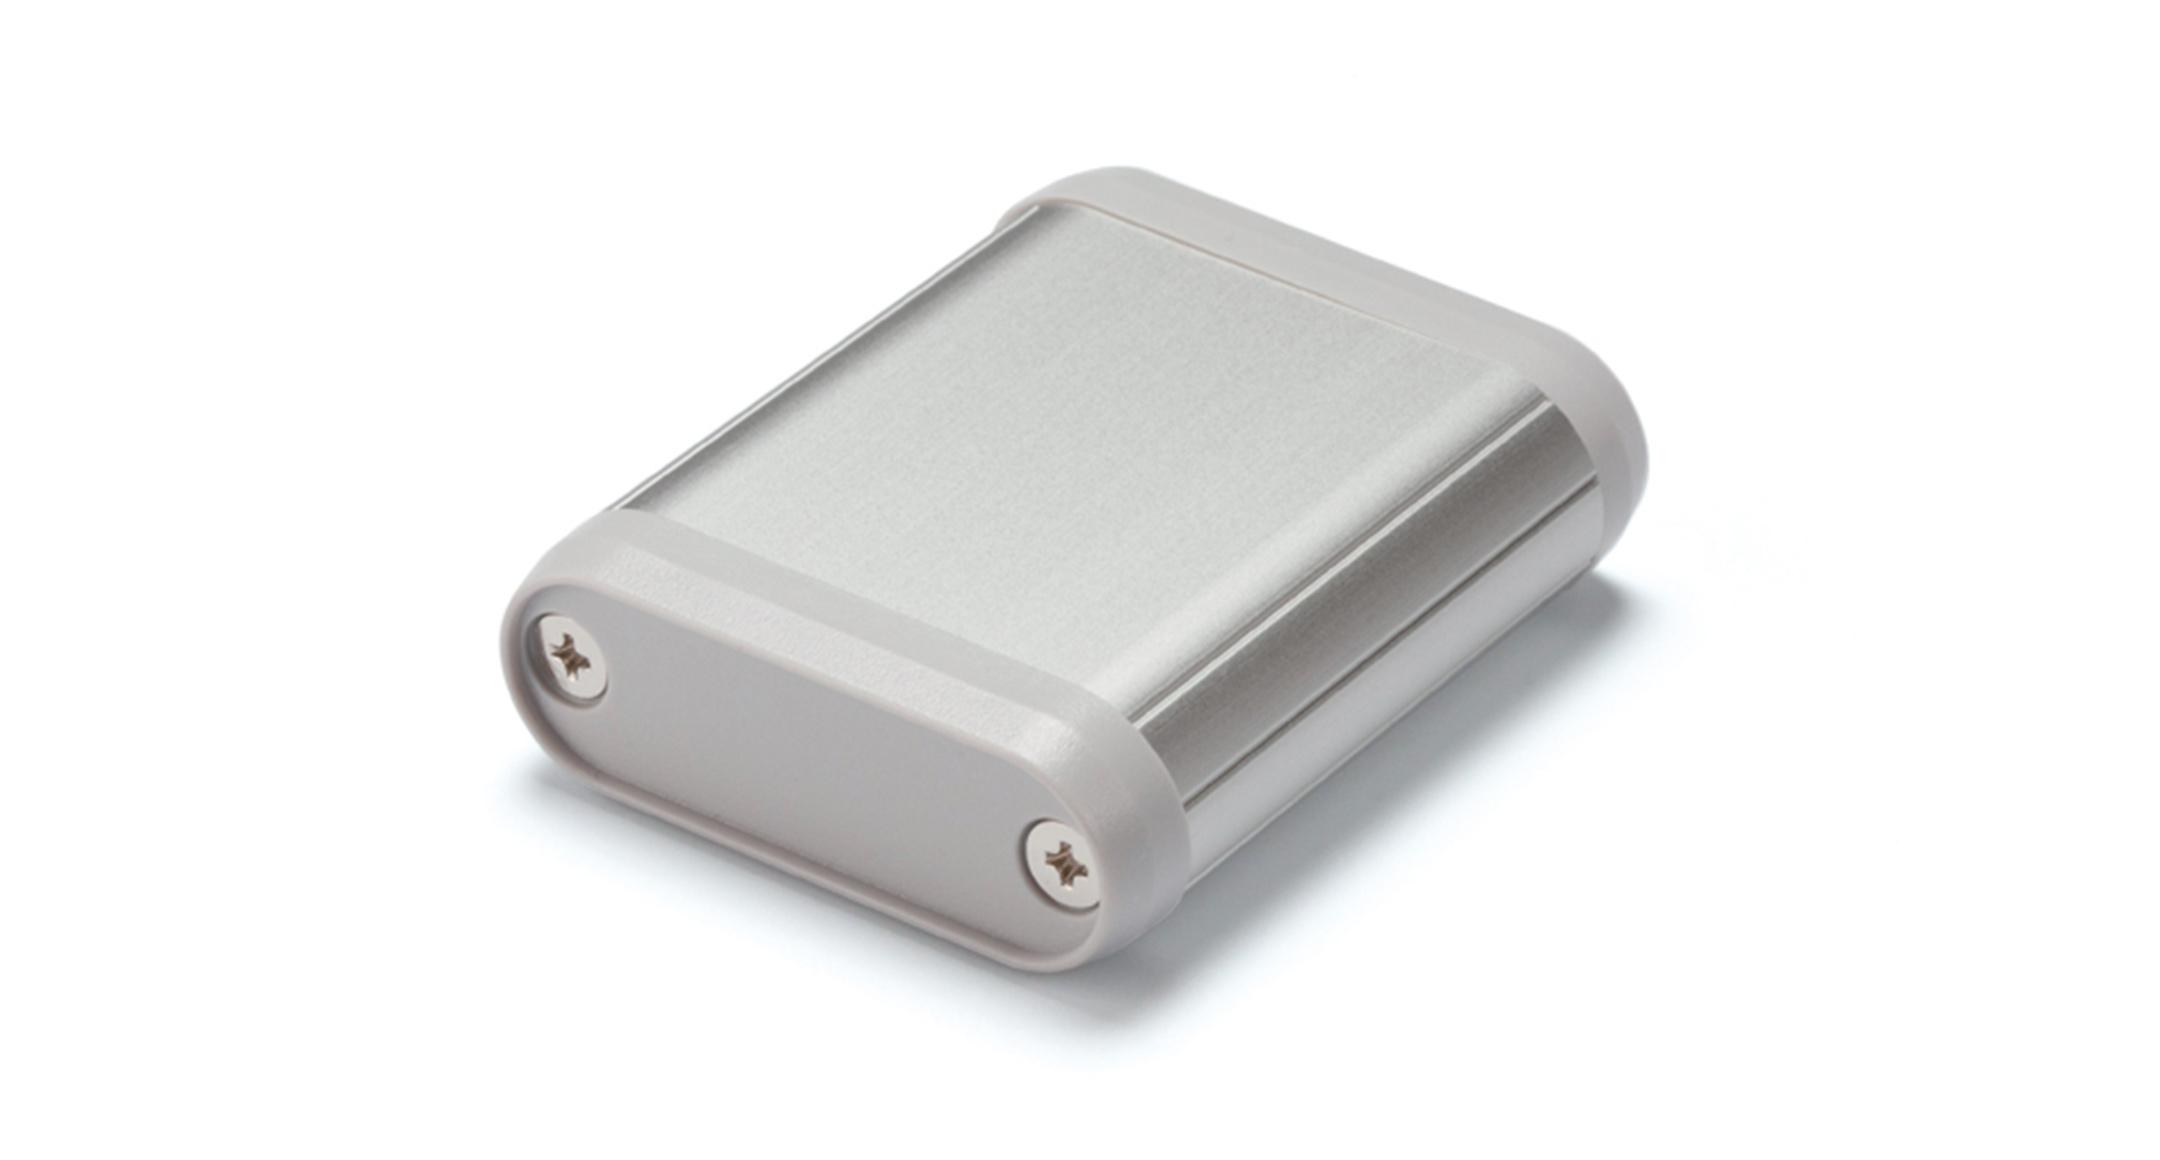 丸型モバイルケース MXシリーズ:シルバー/グレーの画像